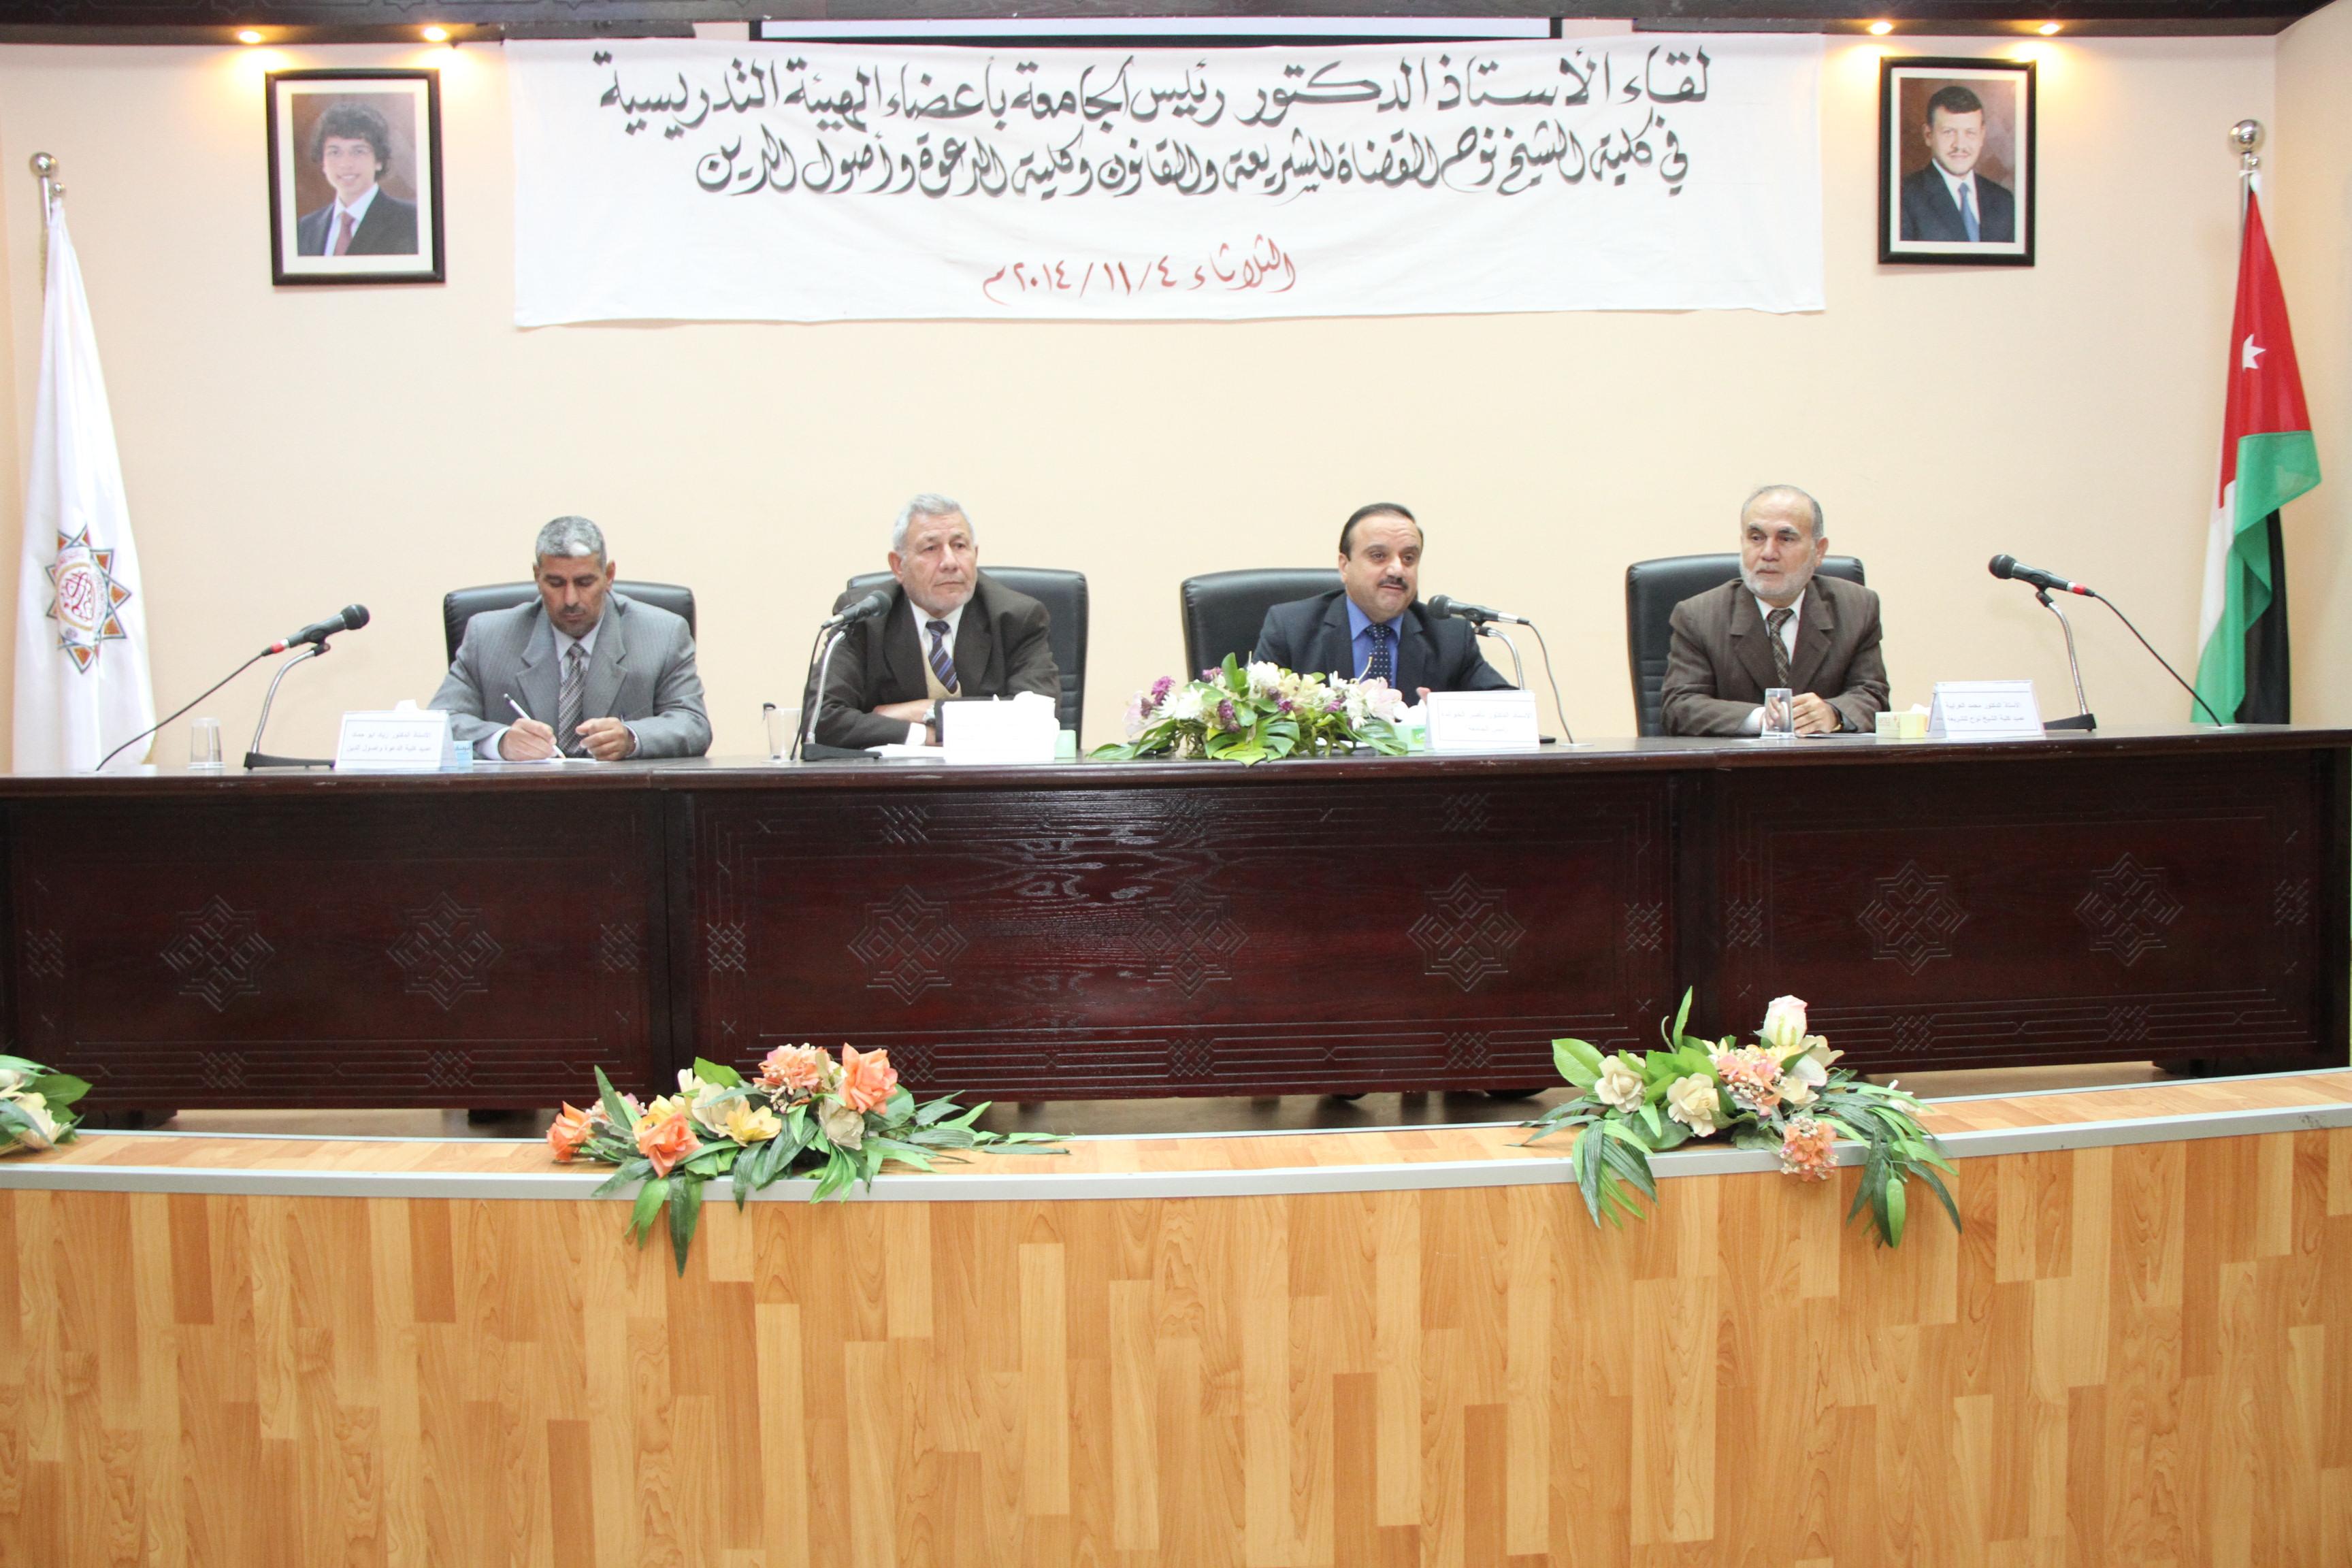 رئيس جامعة العلوم الإسلامية العالمية يلتقي اعضاء هيئة التدريس